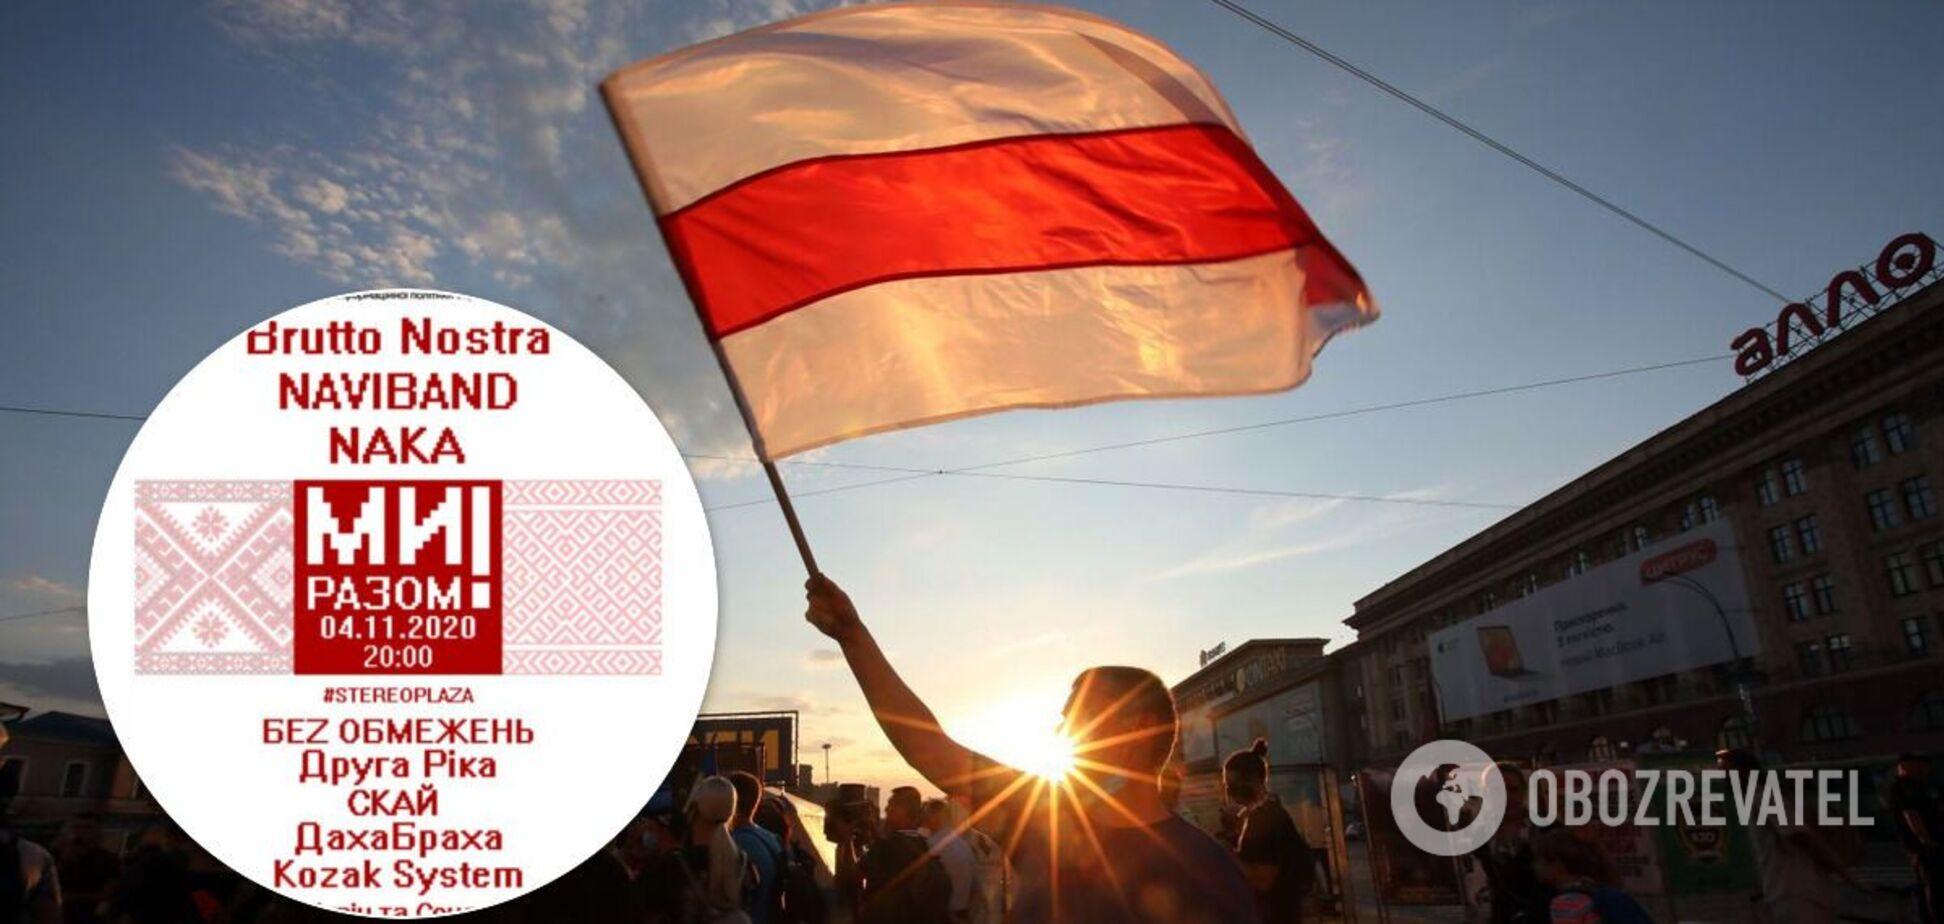 Мінкульт влаштує музичний марафон на підтримку Білорусі